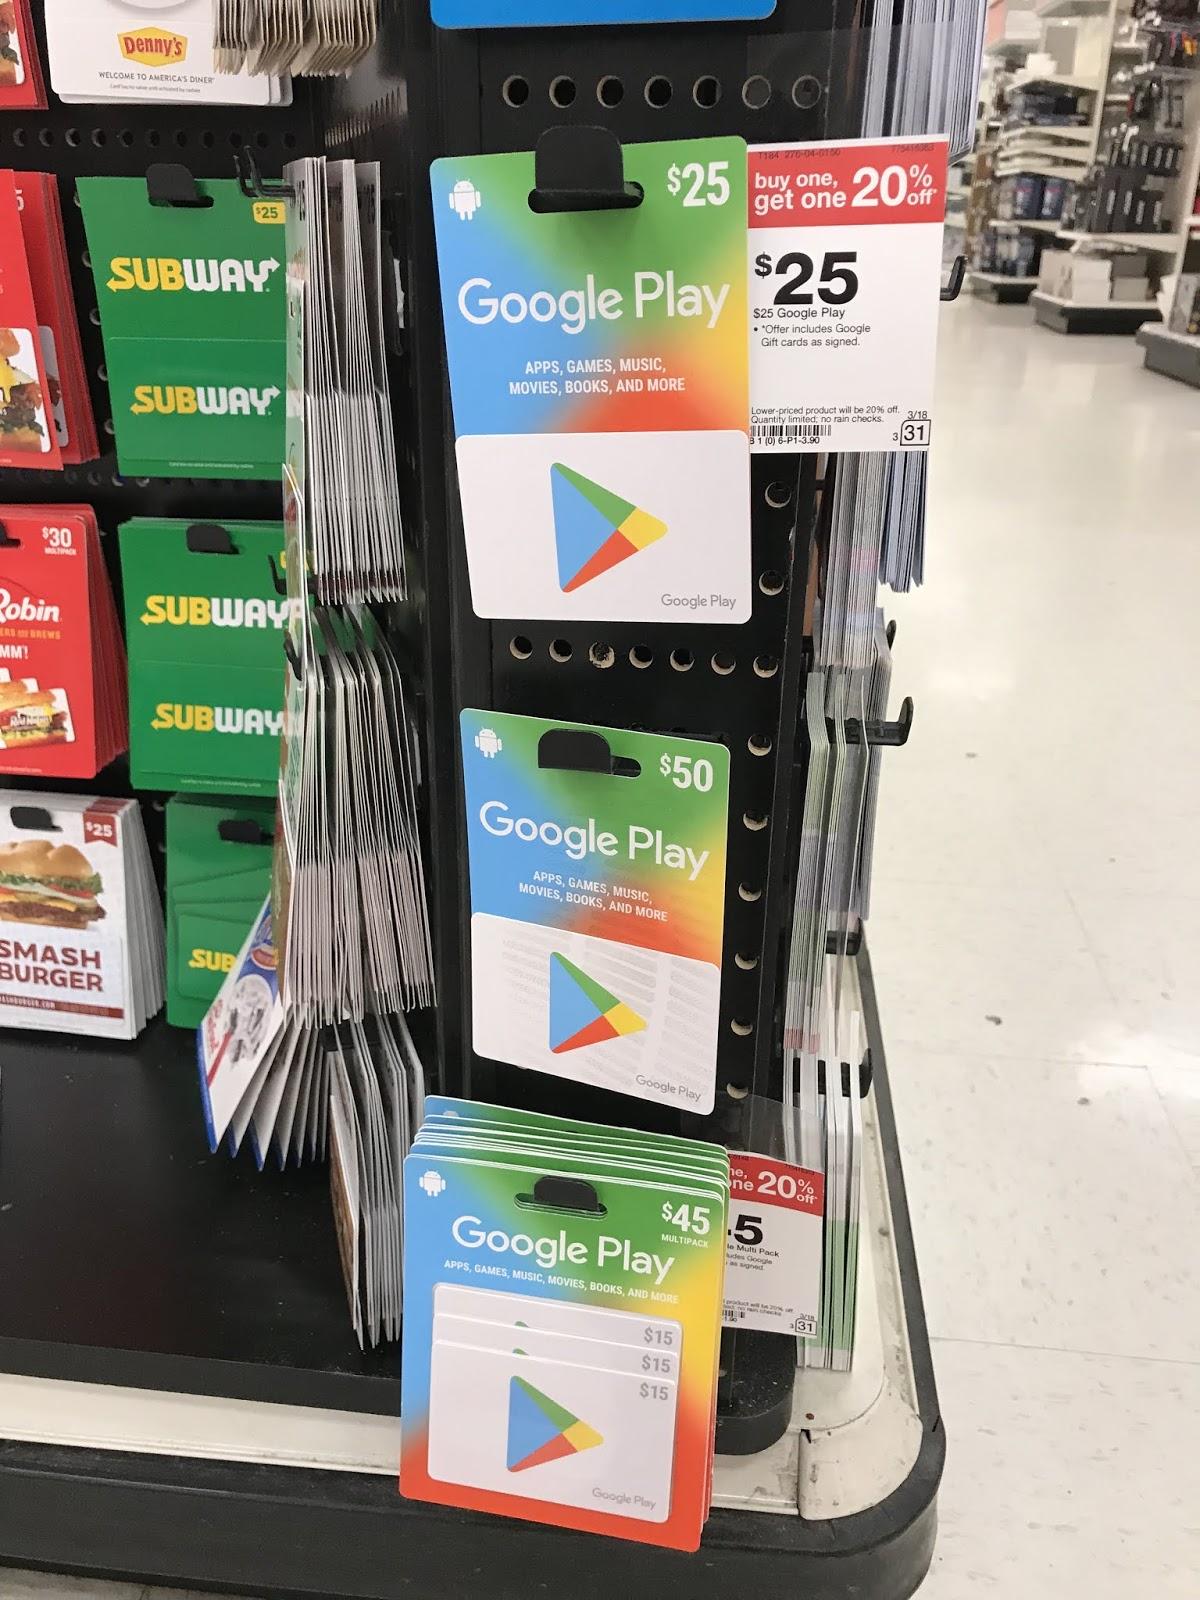 Thẻ Chplay gift card 25$ hệ usa là thẻ dùng để nạp tiền cho tài khoản  chplay của google store us để mua các ứng dụng, games, phần mềm,… có phí  trên ...